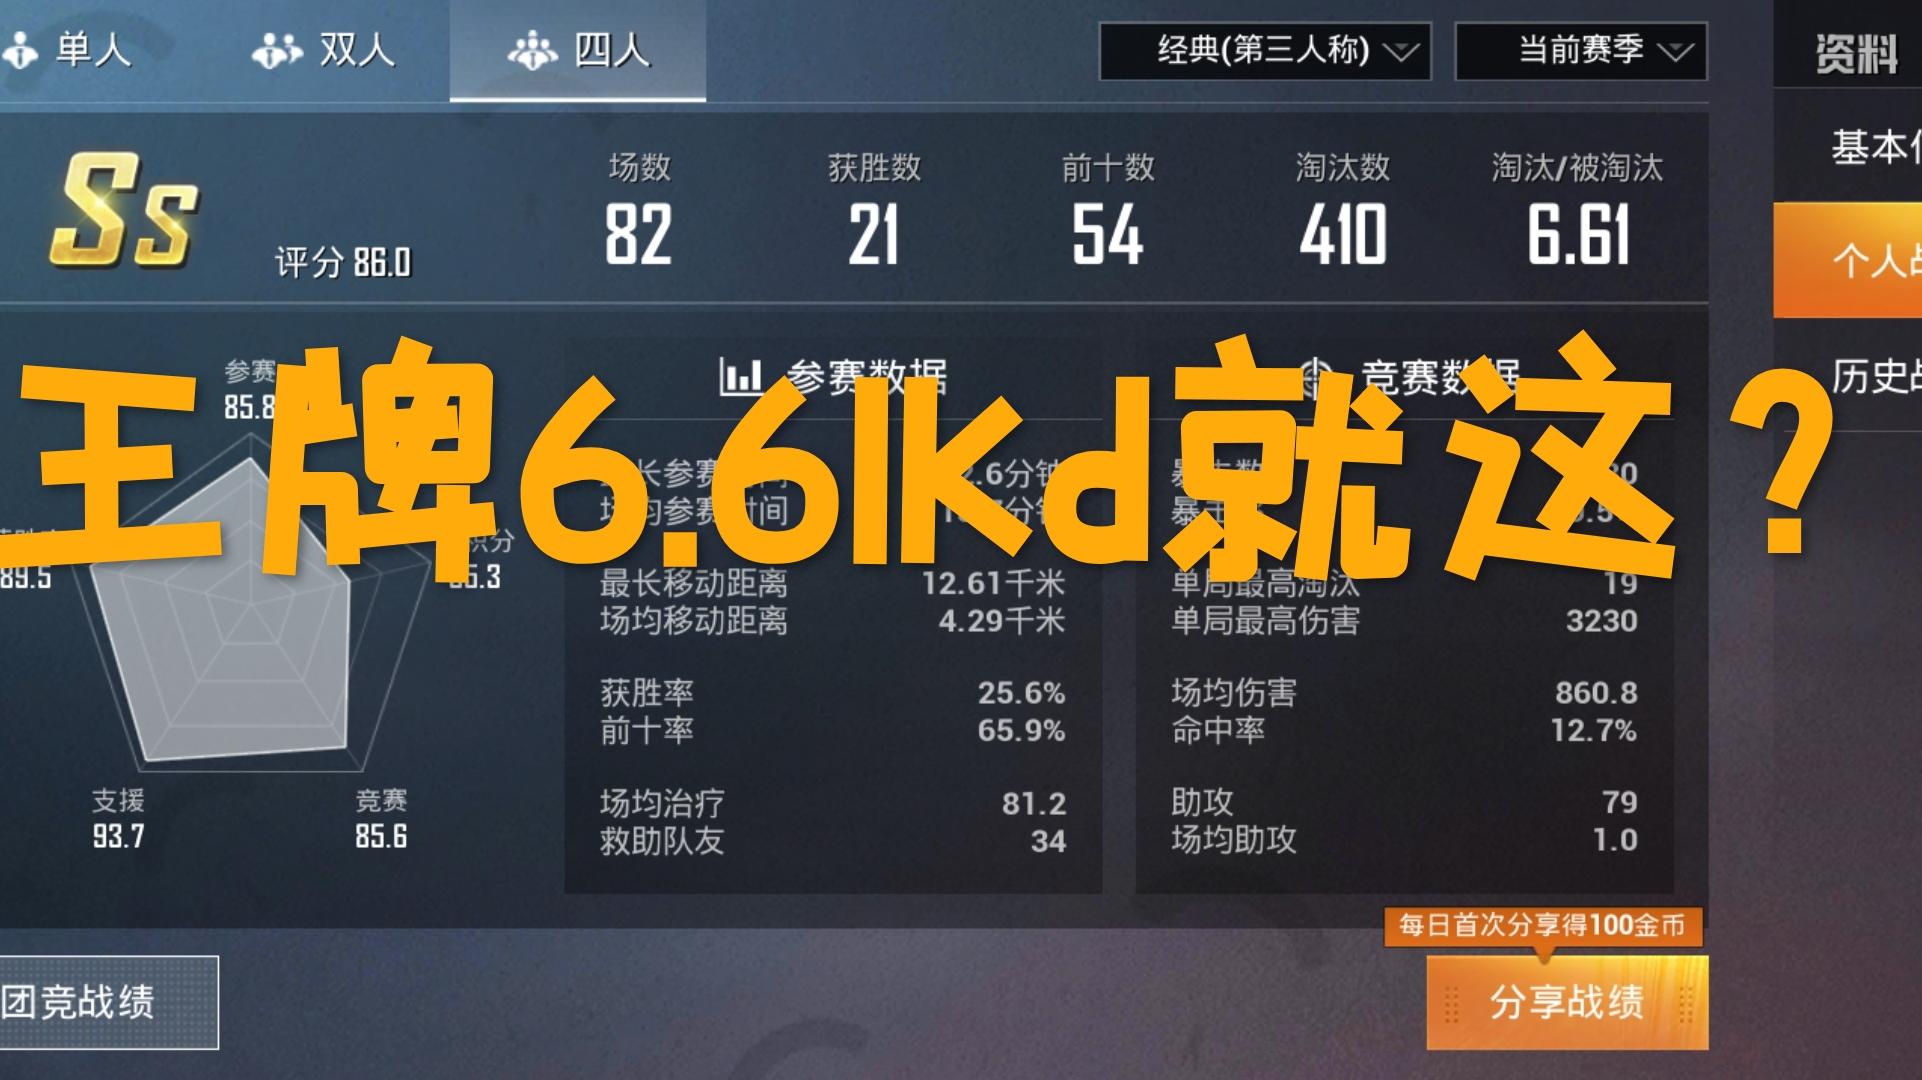 和平精英:超级王牌6.61Kd就这水平?